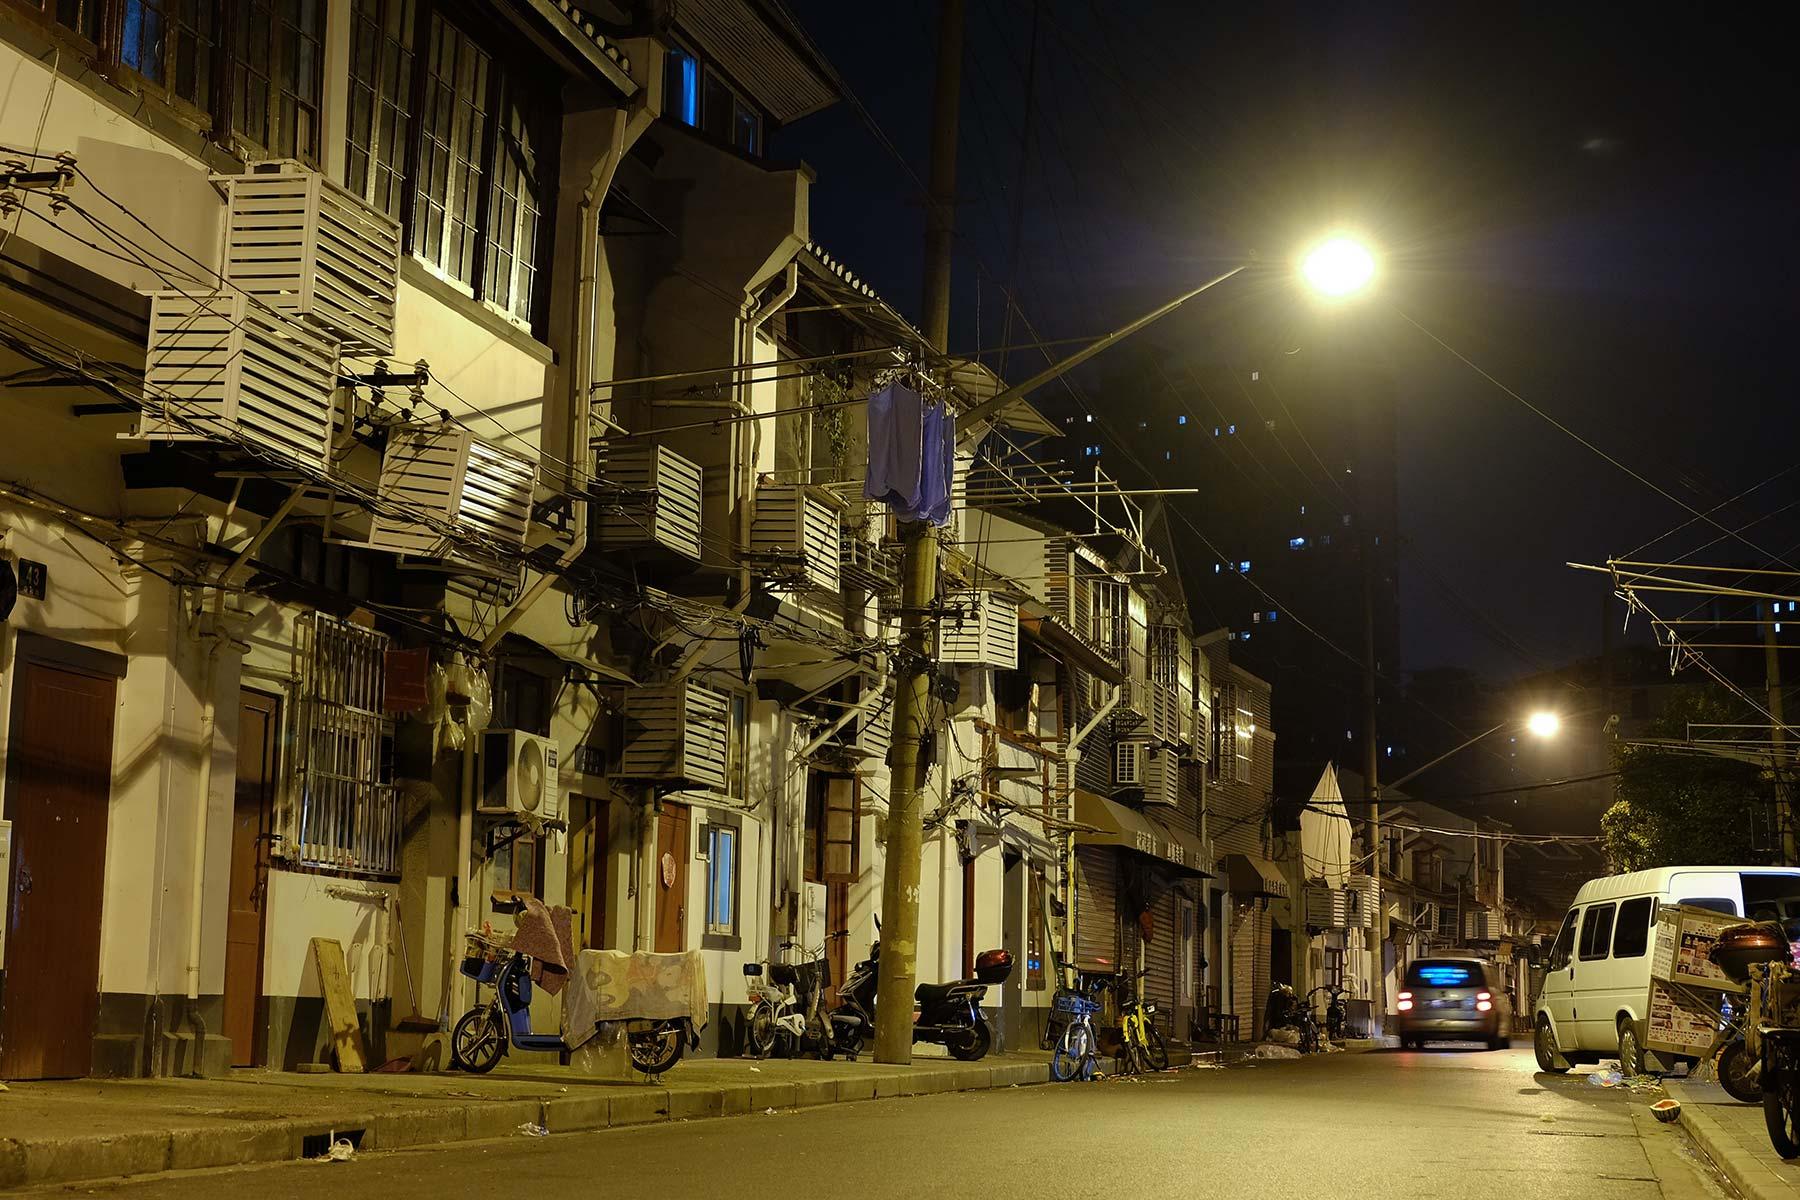 Shanghai Altstadt bei Nacht in der Gegend um Laoximen.